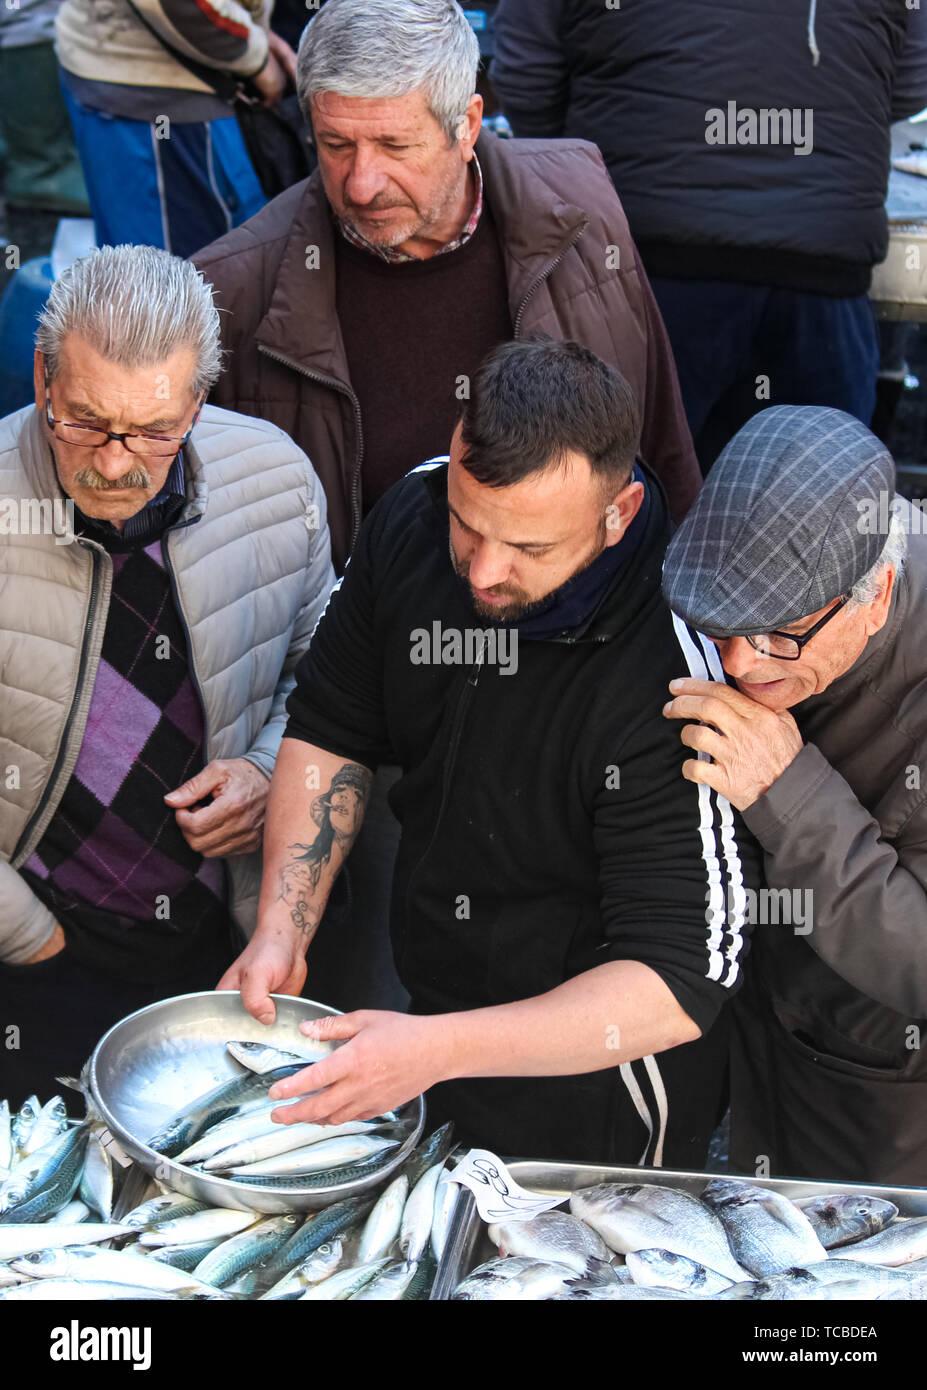 Catane, Sicile, Italie - 10 Avril 2019: poissonnier vend du poisson frais sur le marché de poissons traditionnels. Homme âgé, client exigeant, est en contact avec lui et donner des instructions. Scène de marché typiquement italien. Banque D'Images